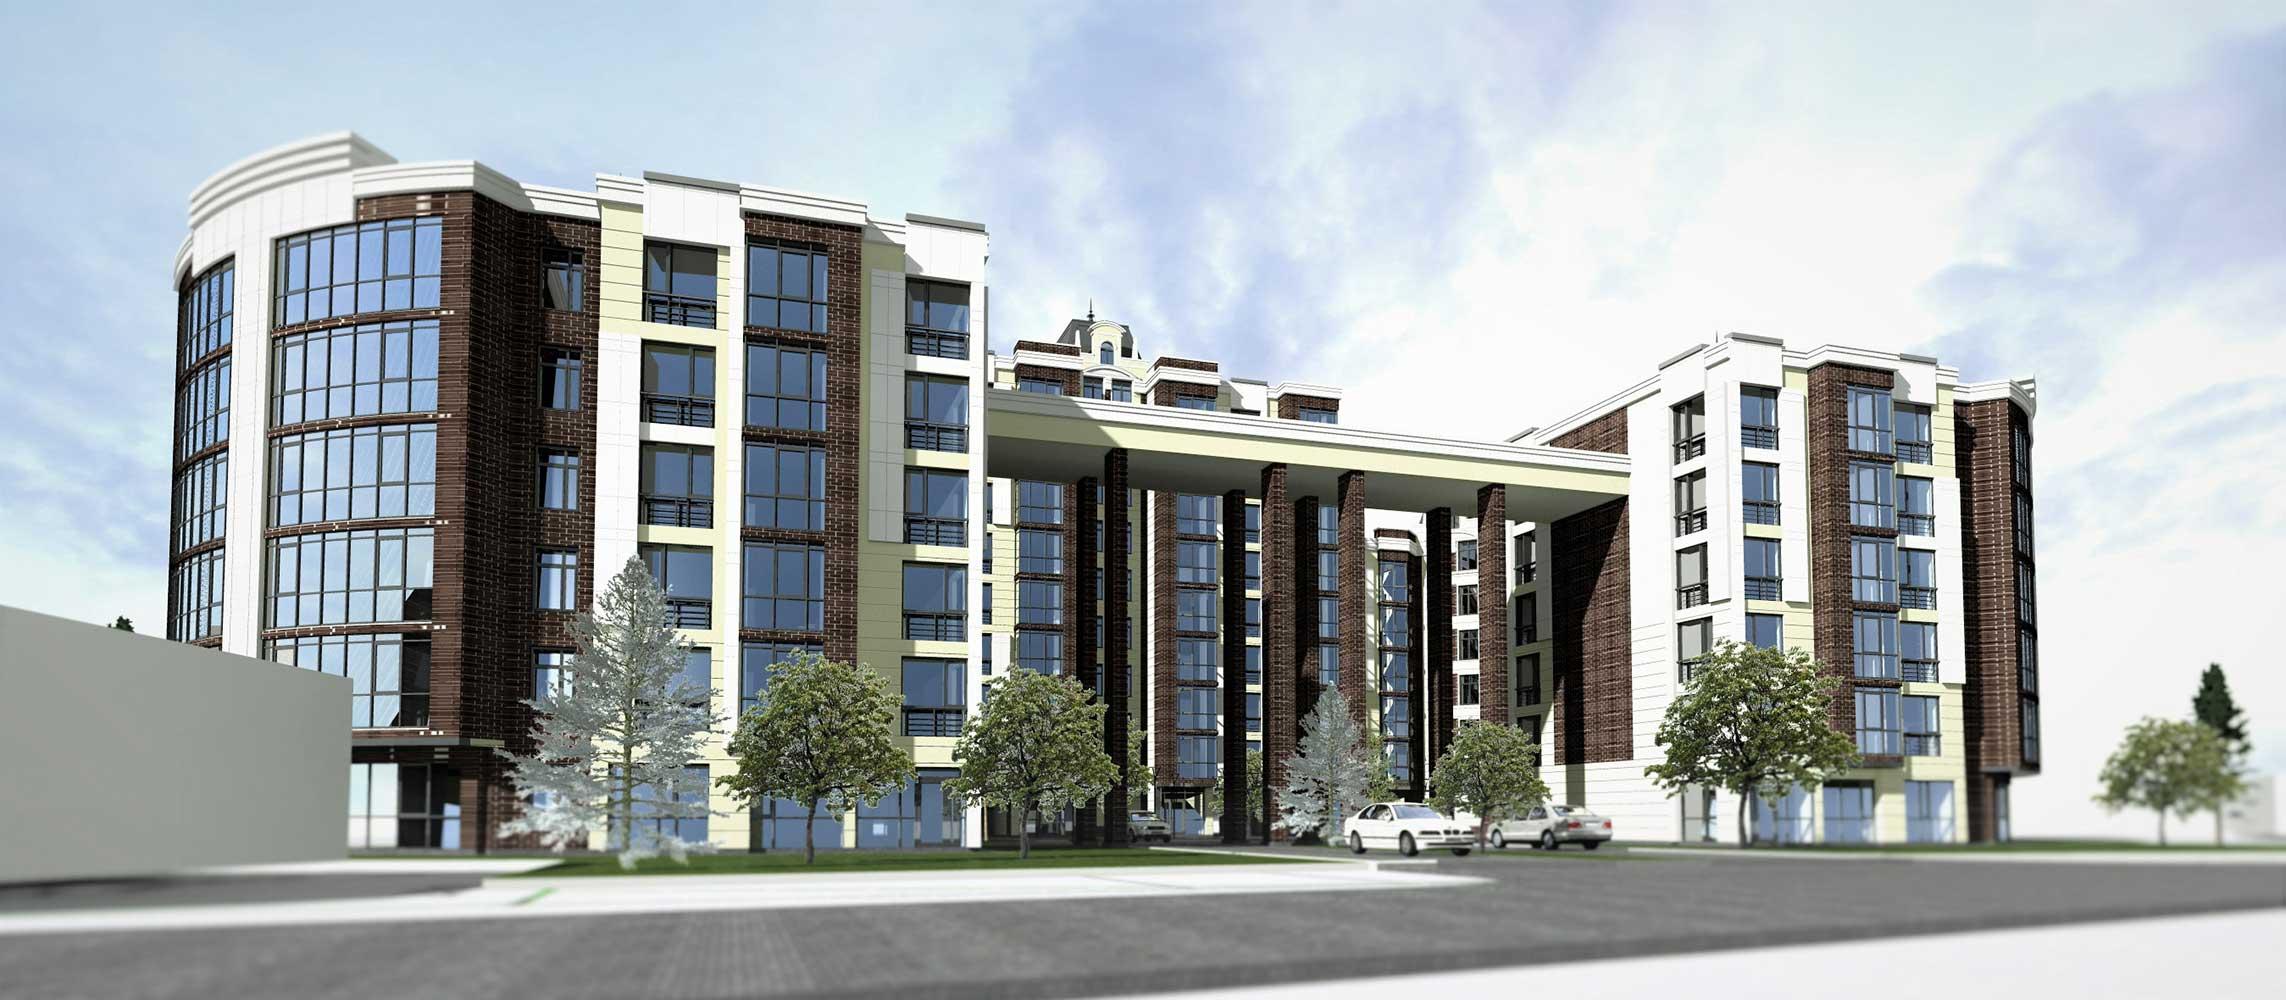 Проектное предложение жилого комплекса по ул. Свердлова в г. Виннице (фото 5)